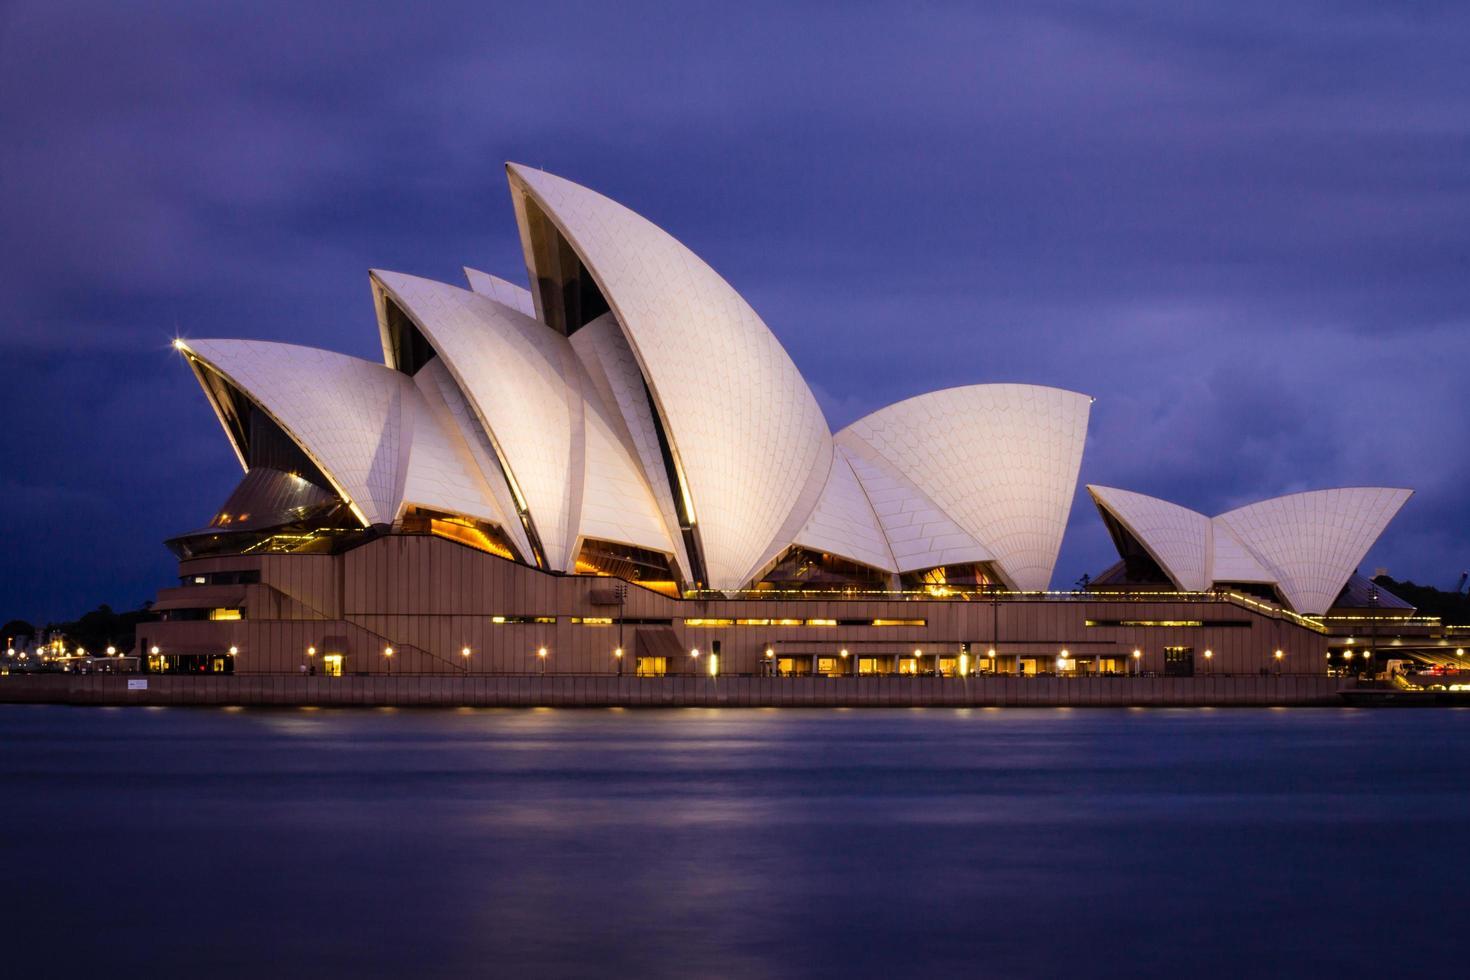 Sydney, Australie, 2020 - longue exposition de l'opéra de sydney photo